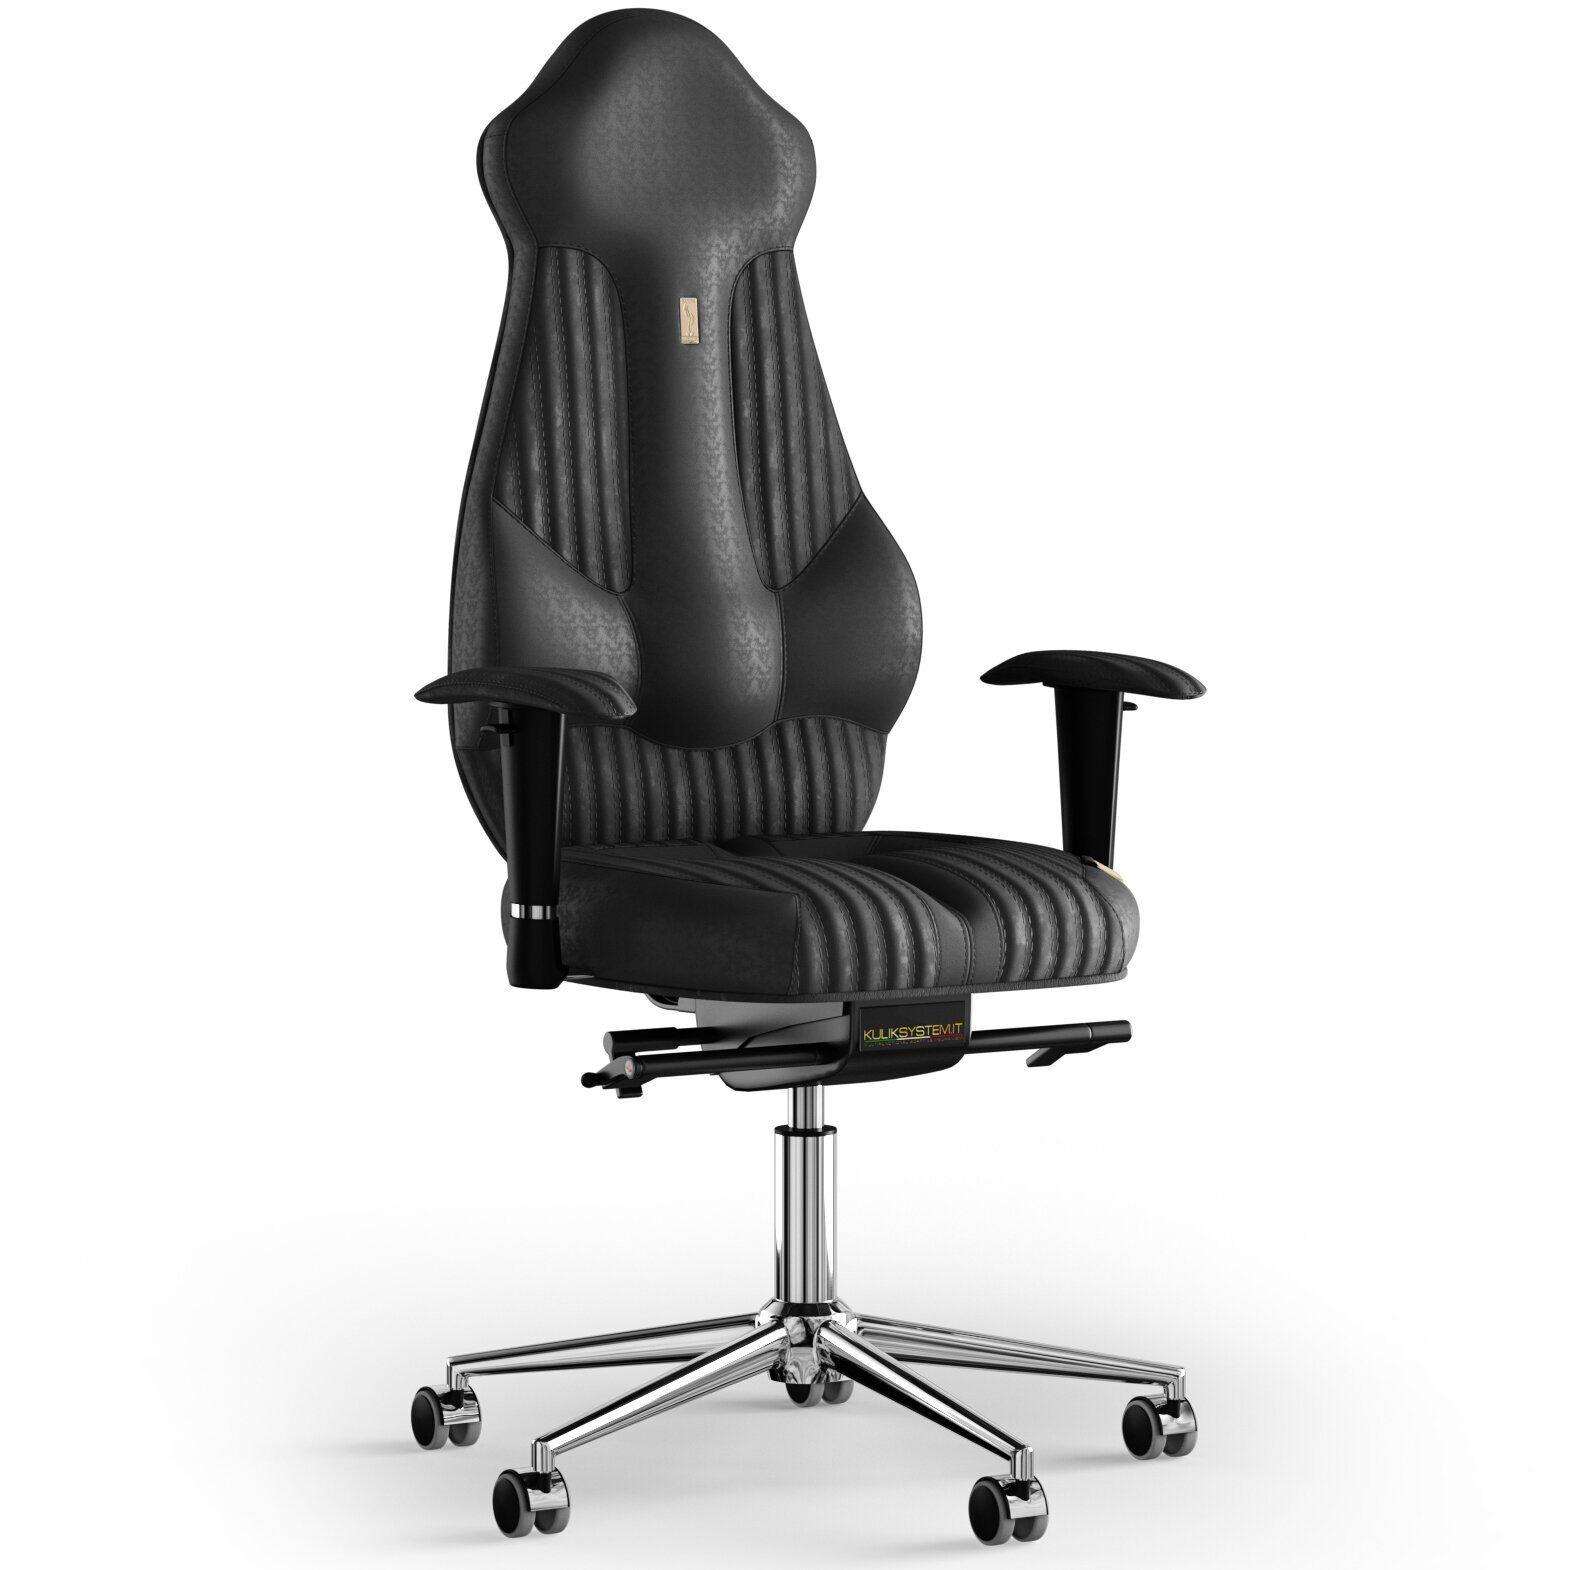 Кресло KULIK SYSTEM IMPERIAL Антара с подголовником со строчкой